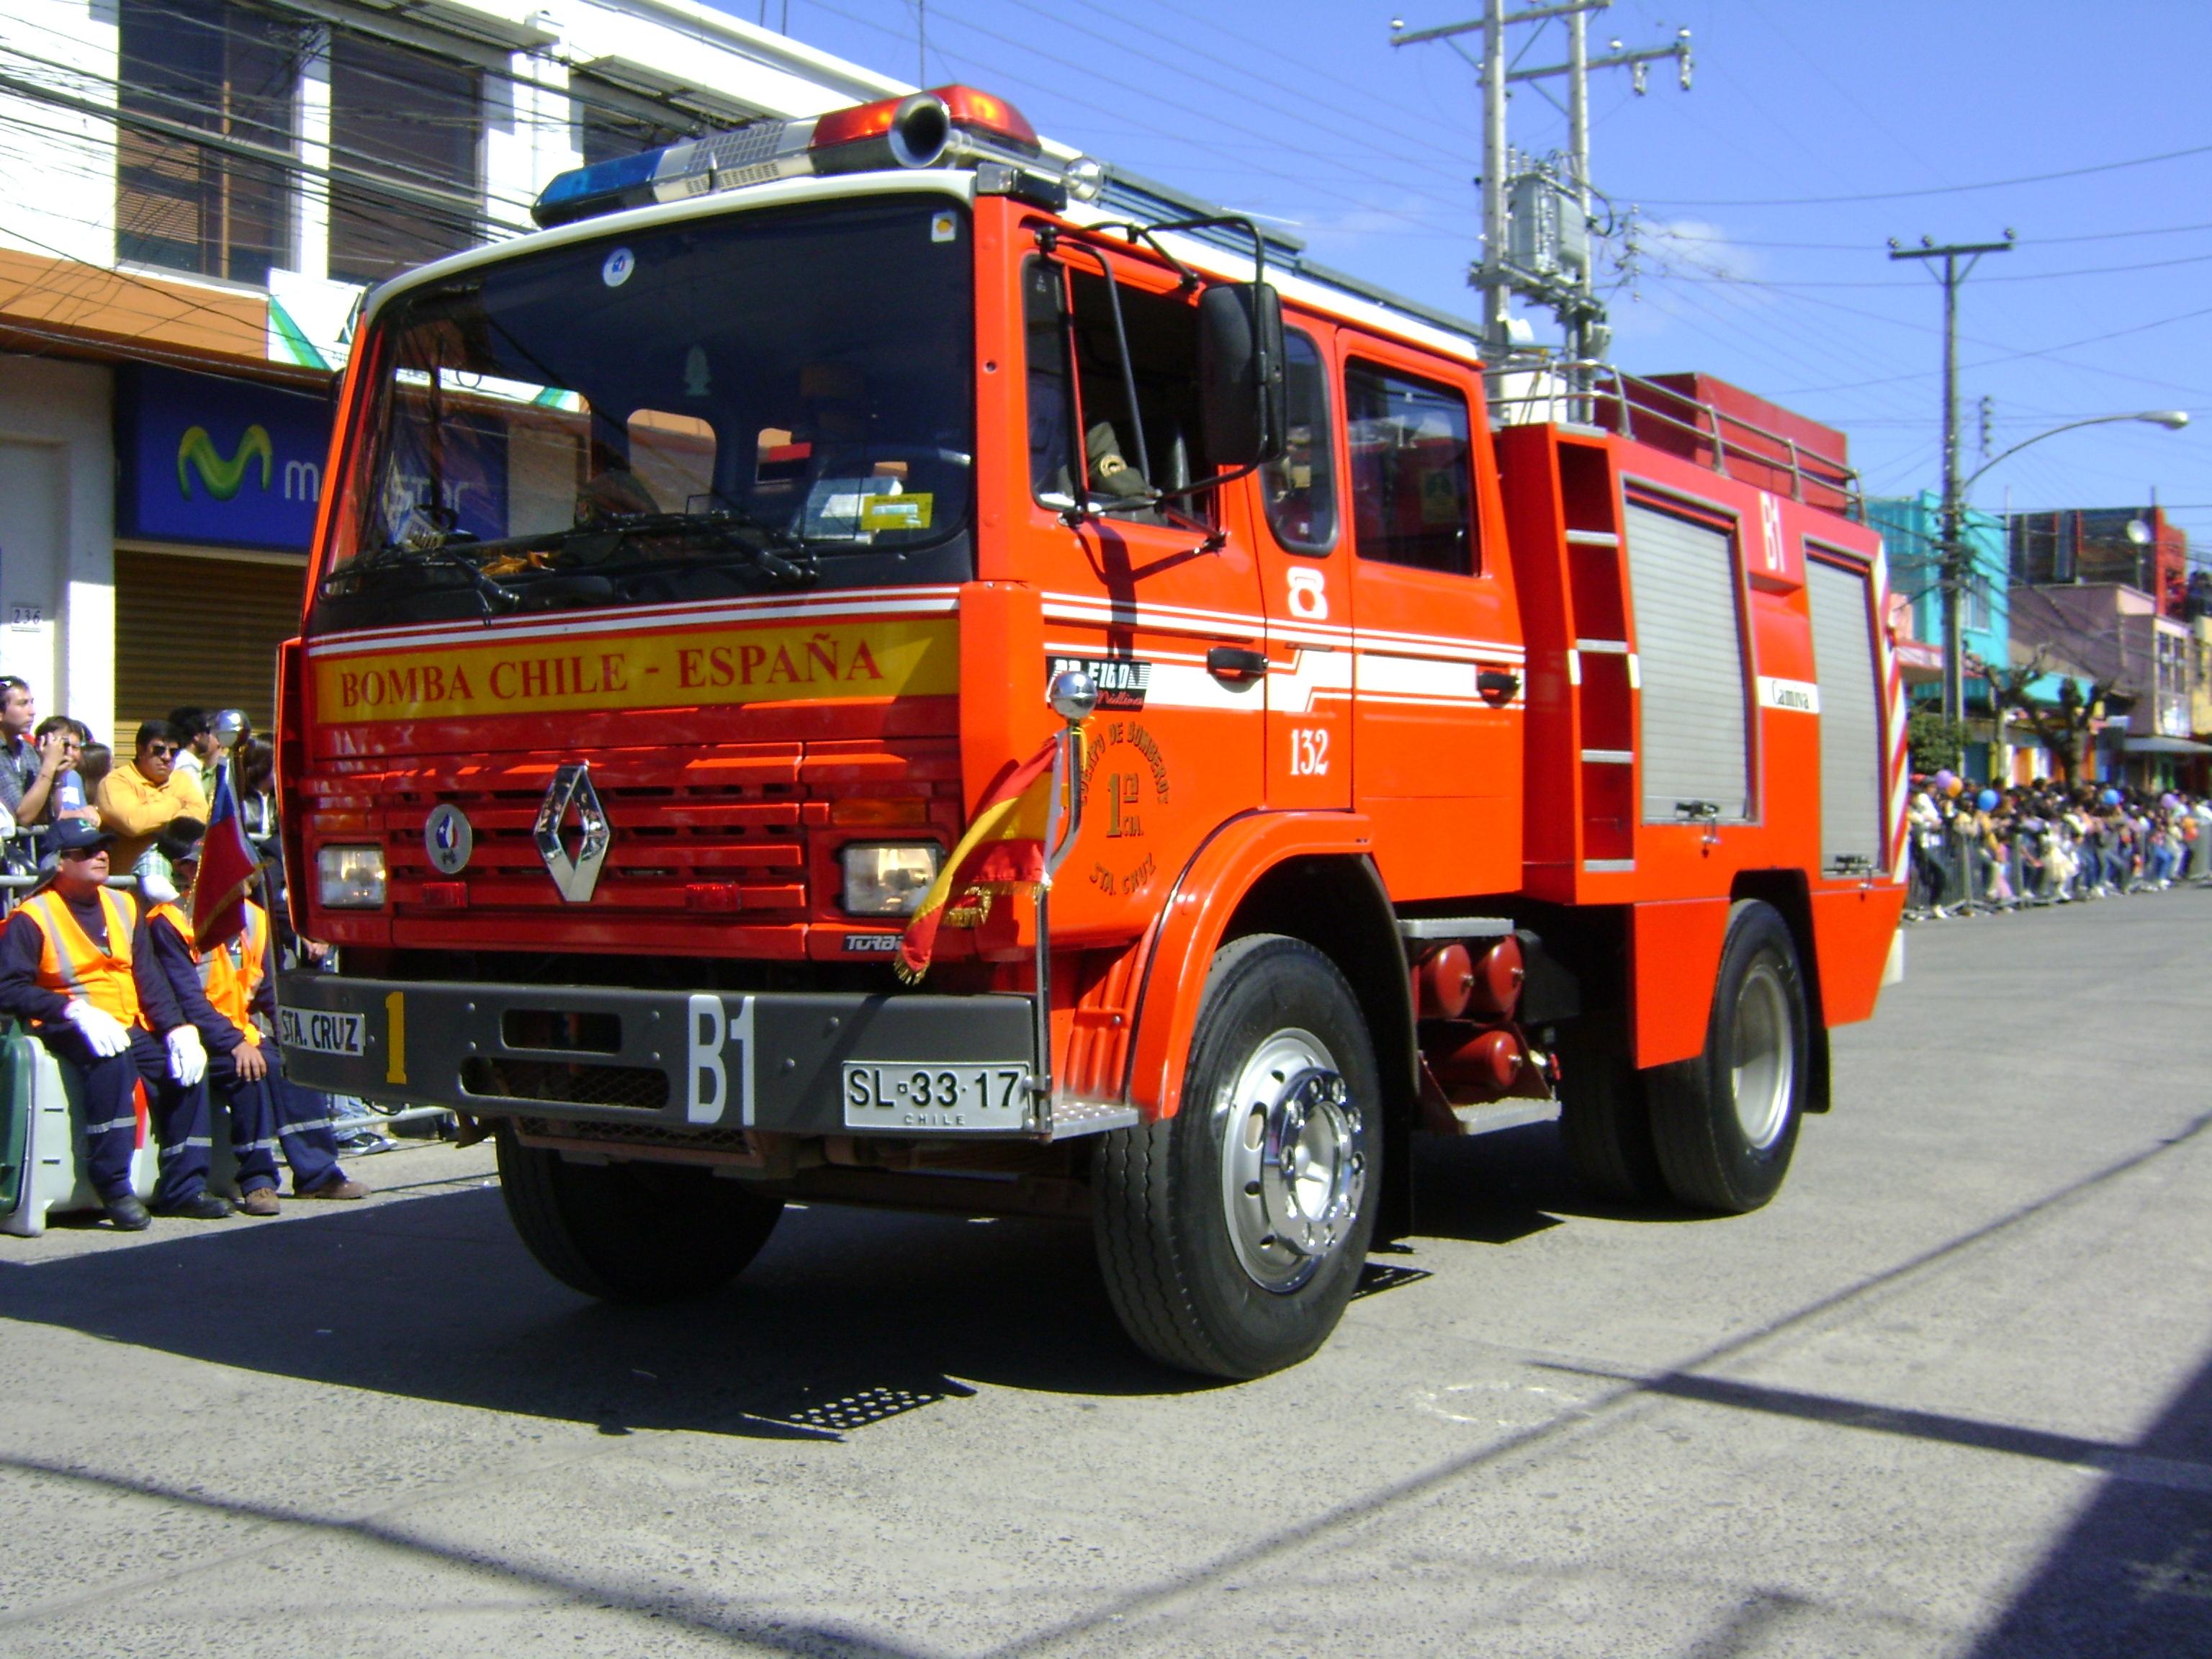 DSC03376